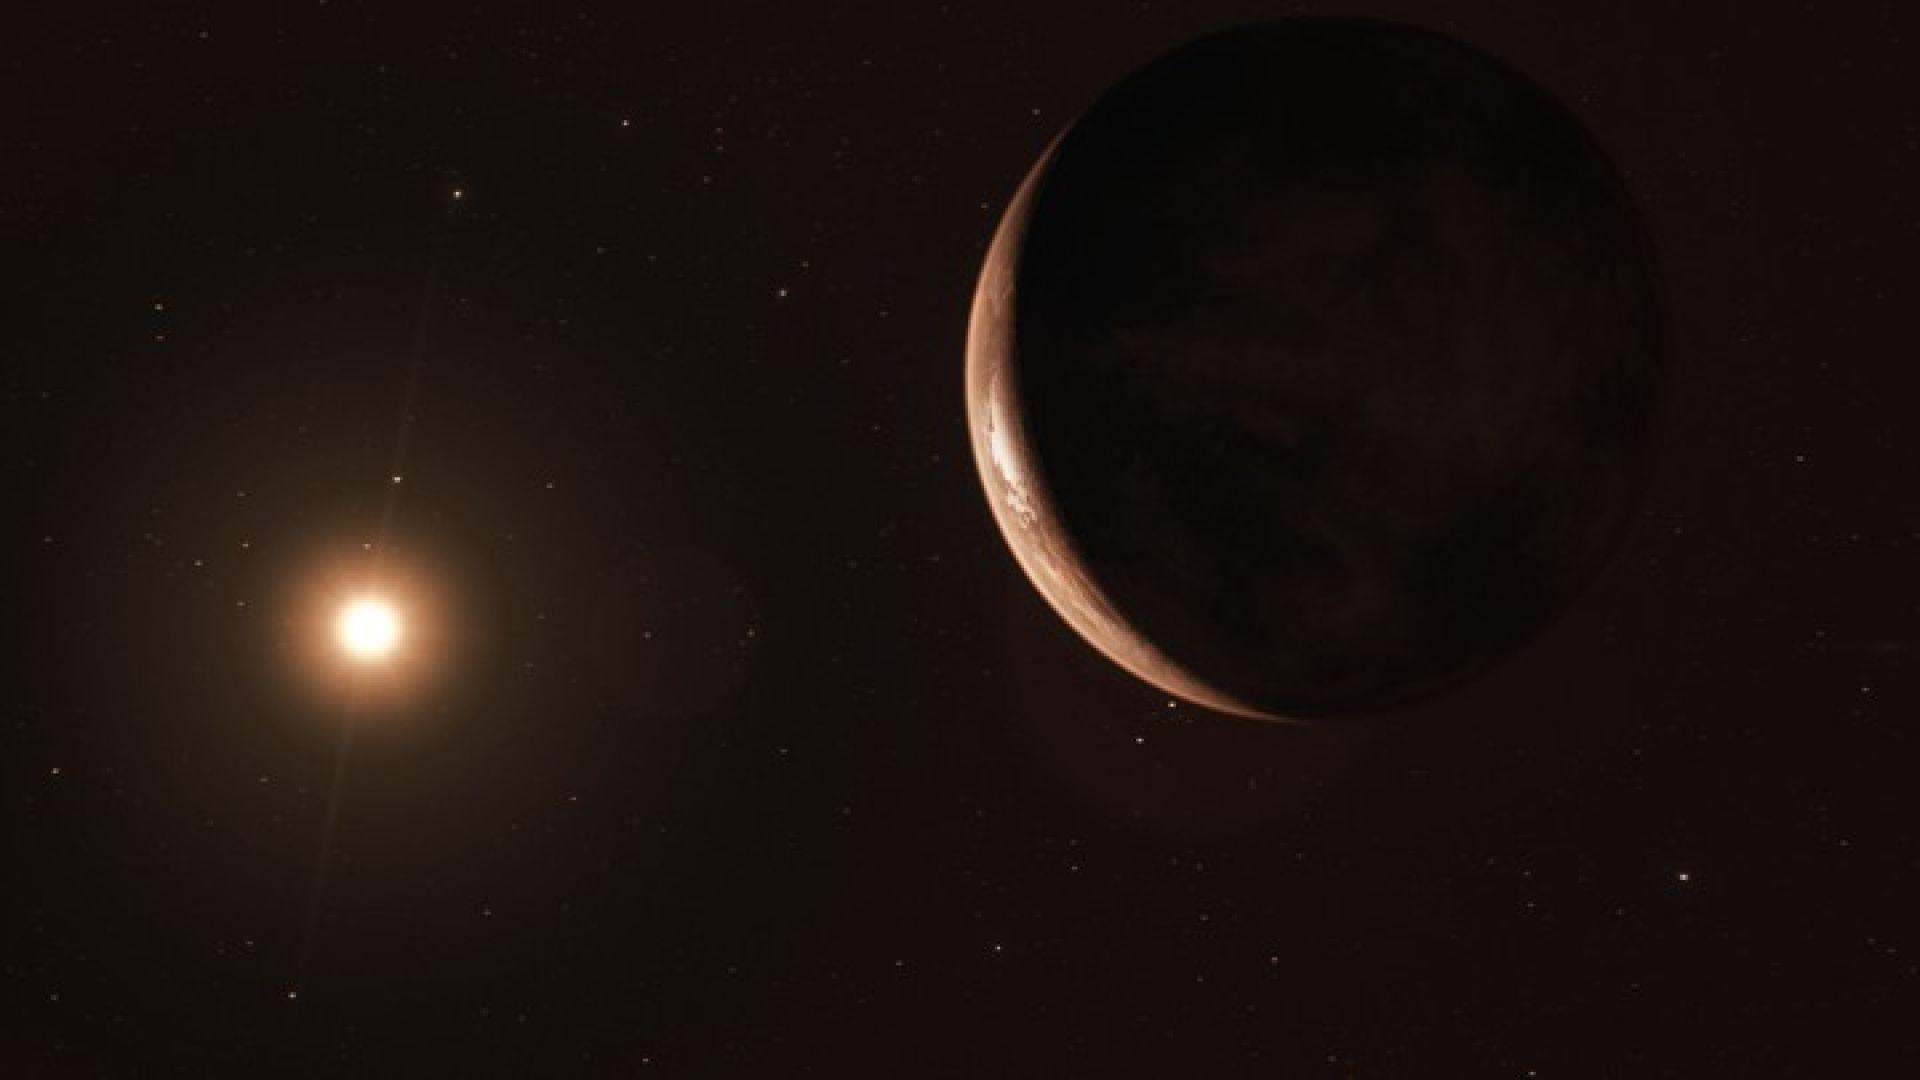 Откриха супер земя в орбита около съседна на Слънцето звезда